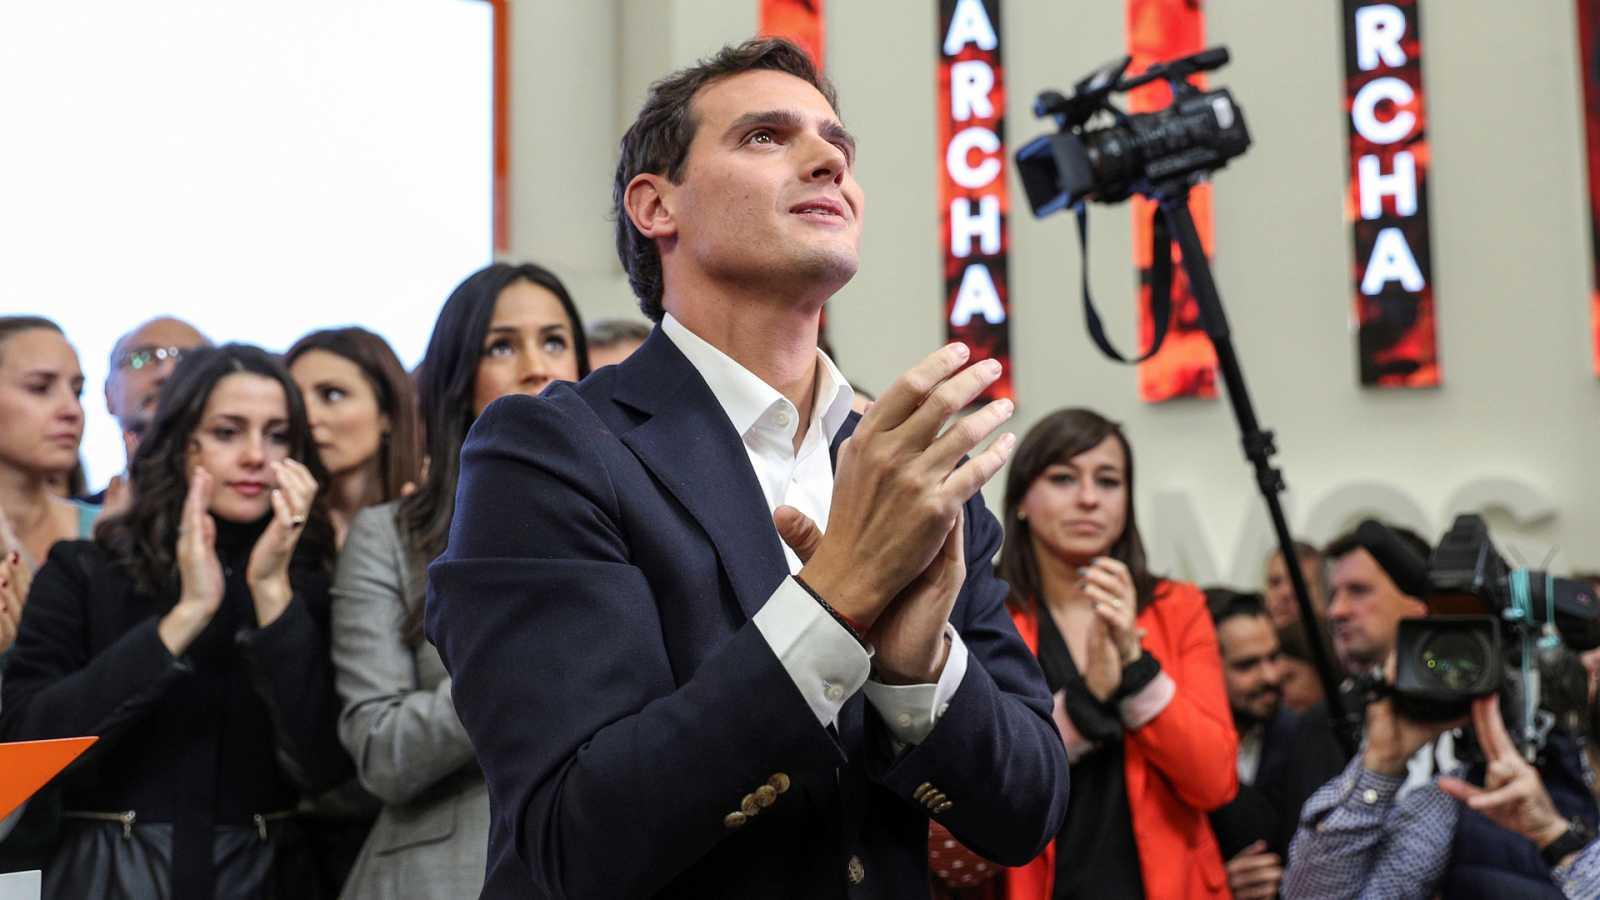 El presidente de Ciudadanos,AlbertRivera, en la rueda de prensa en la que anunció su dimisión.